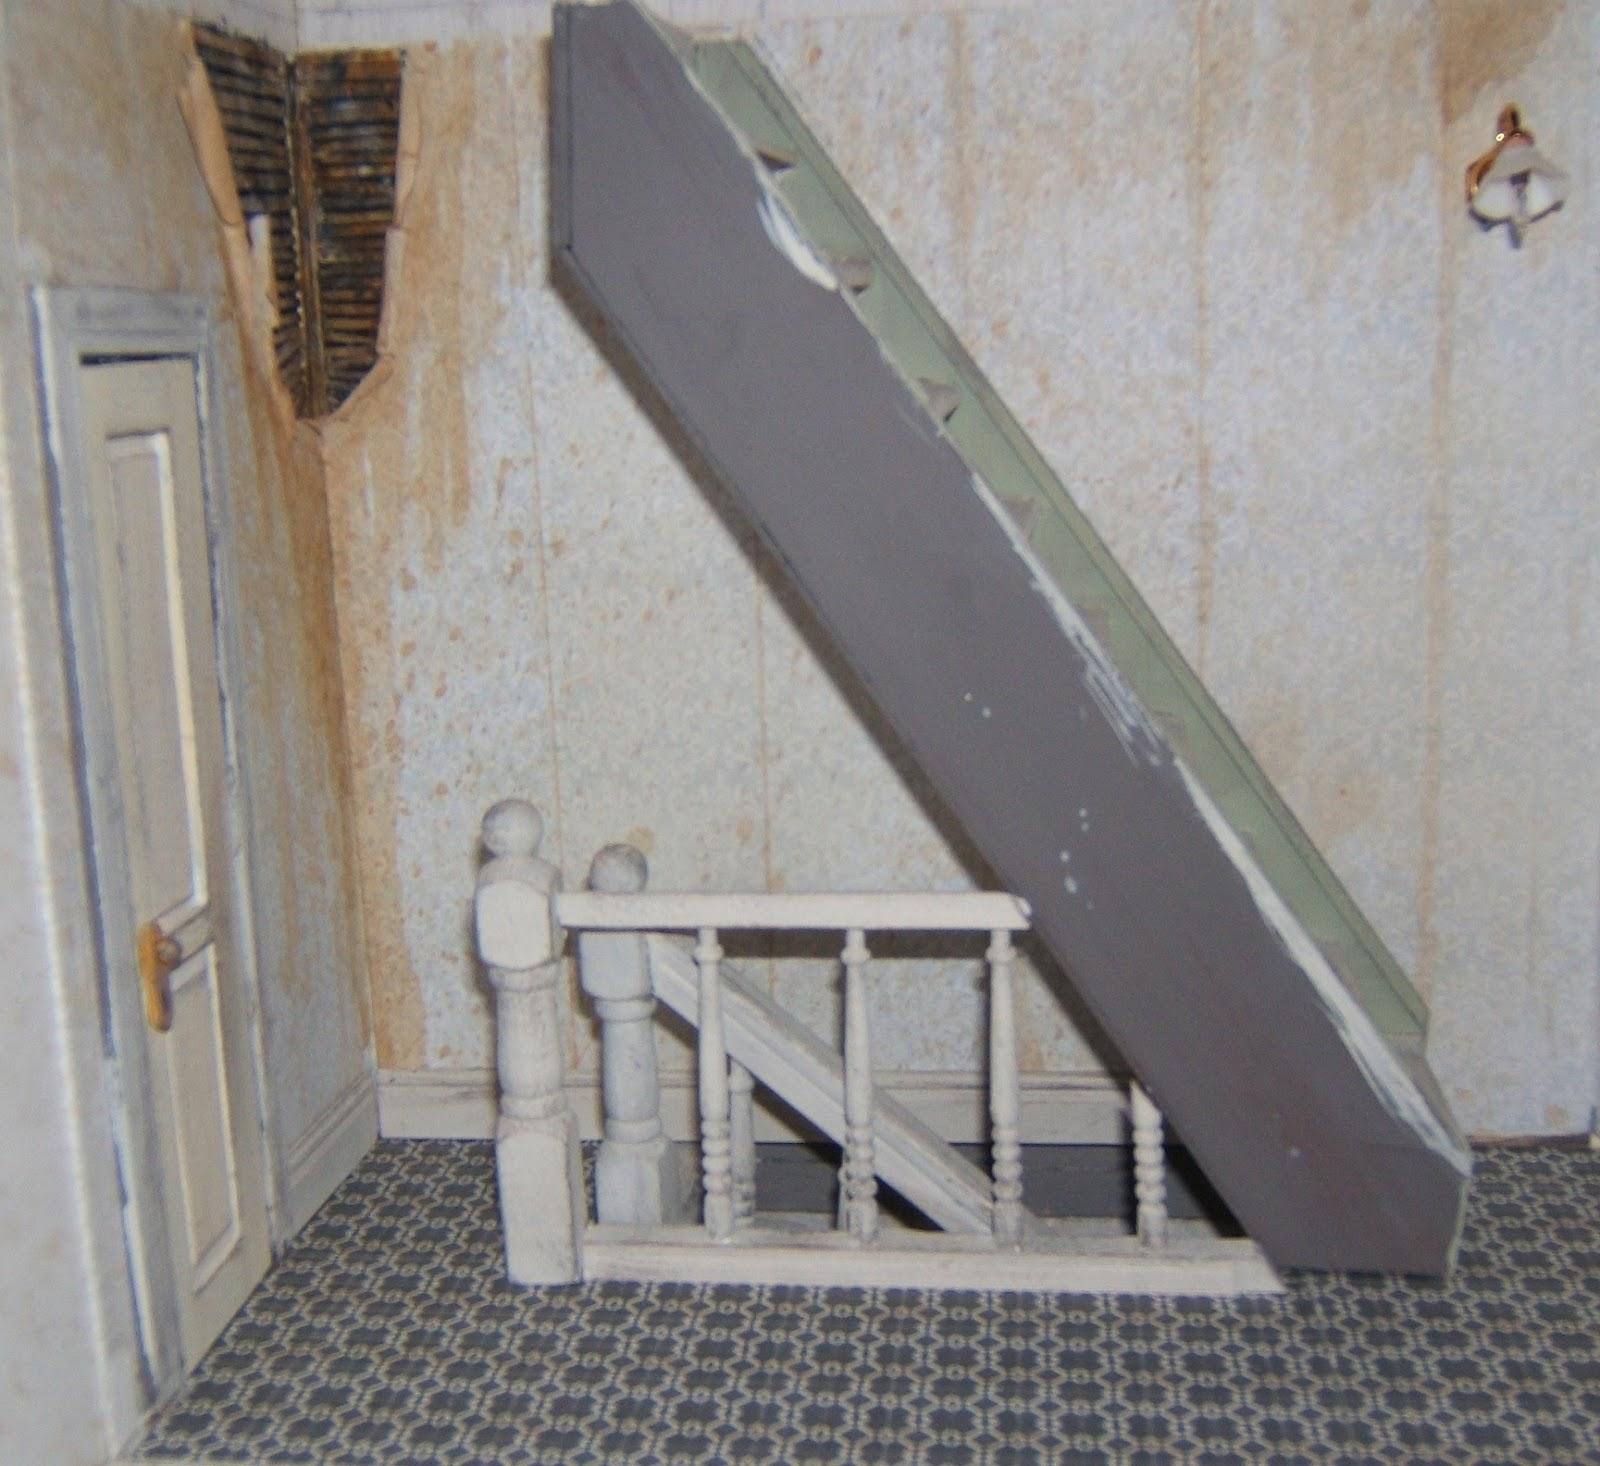 http://2.bp.blogspot.com/-RhRRoIdqYVU/ULPUg4libaI/AAAAAAAABRE/EnJBFJ_nSCE/s1600/hallway+w+balustrade.jpg